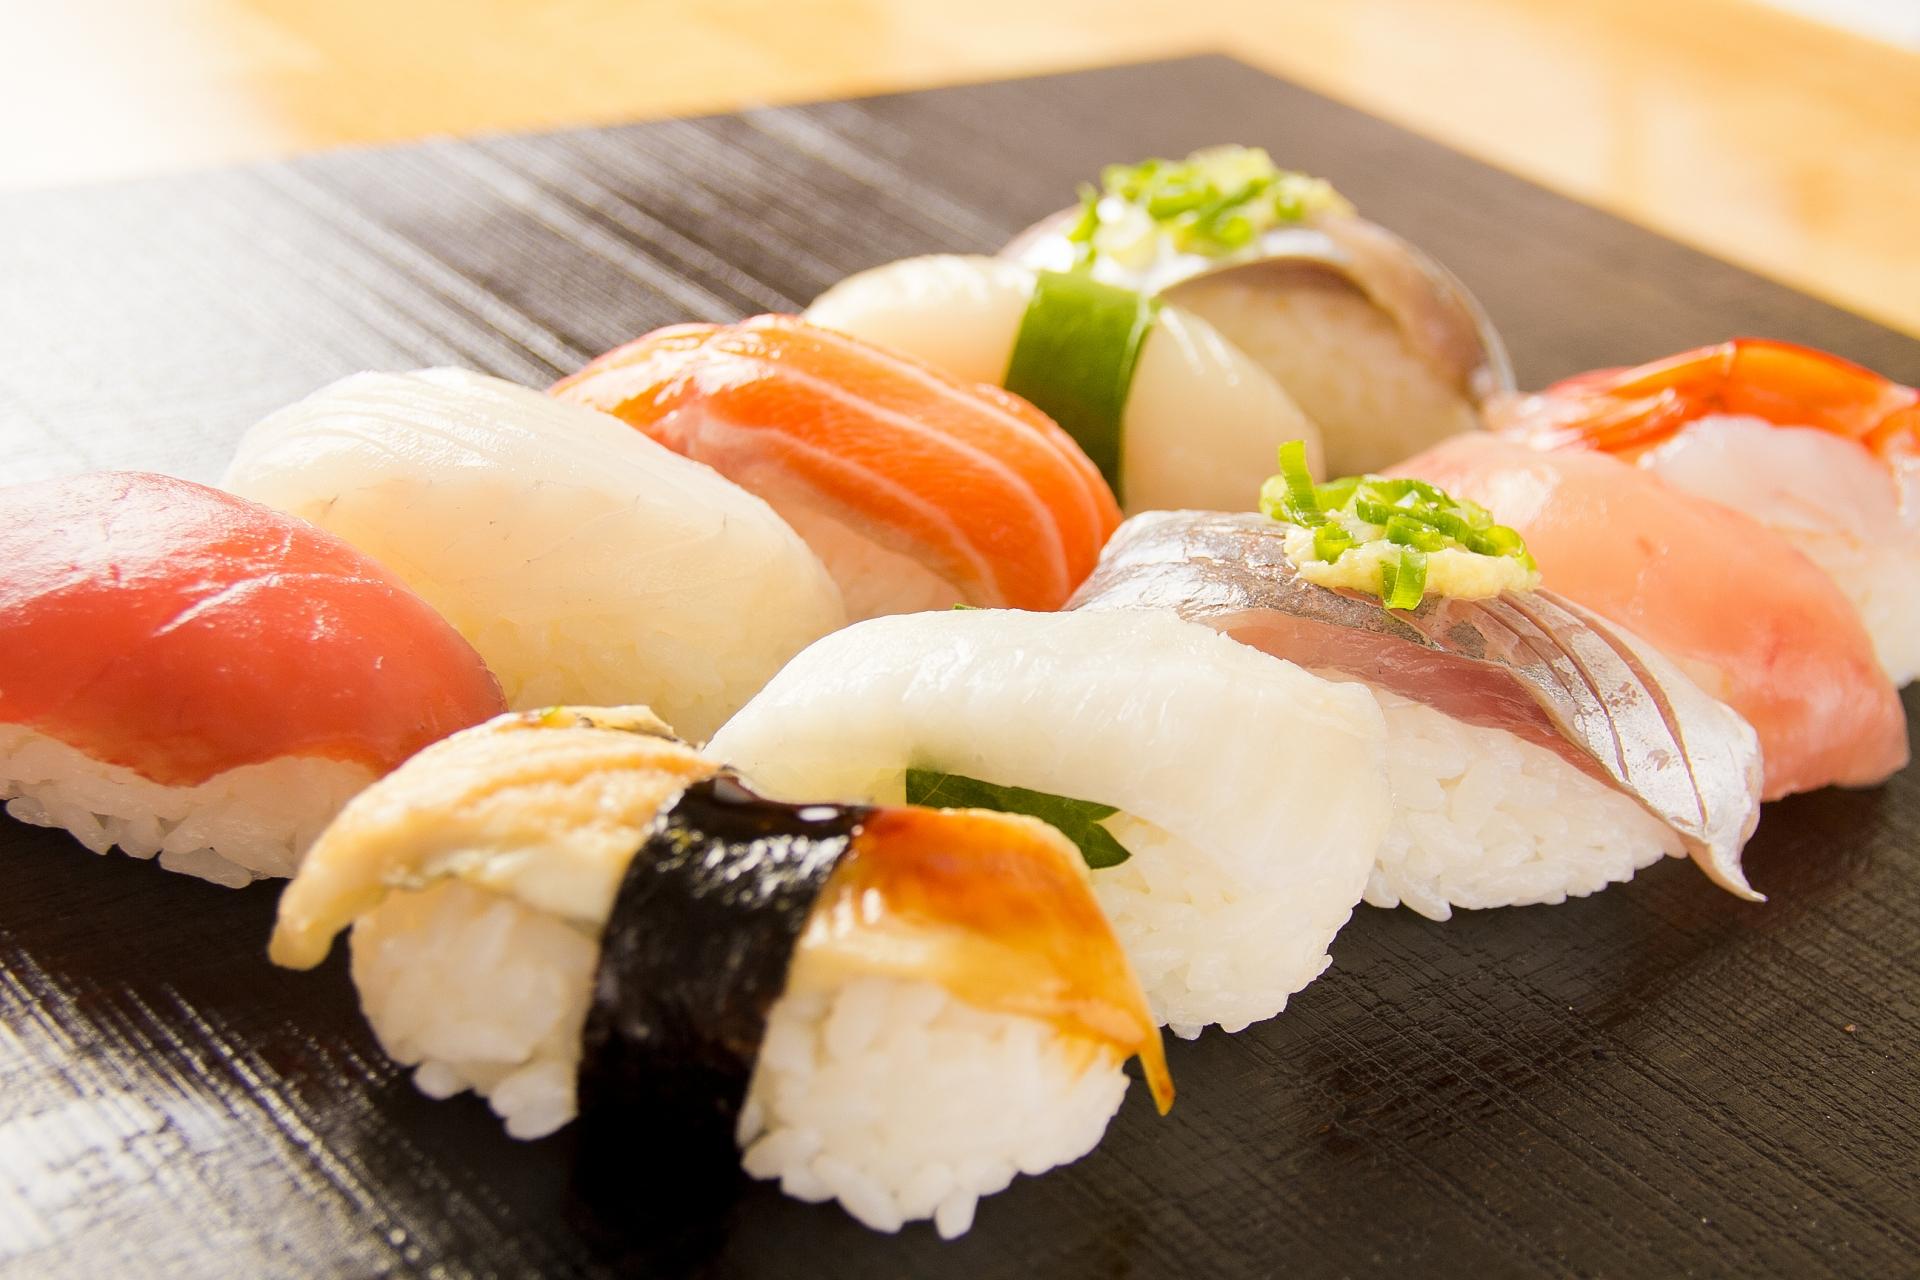 金沢の寿司屋おすすめランキング!人気の美味しい名店紹介!